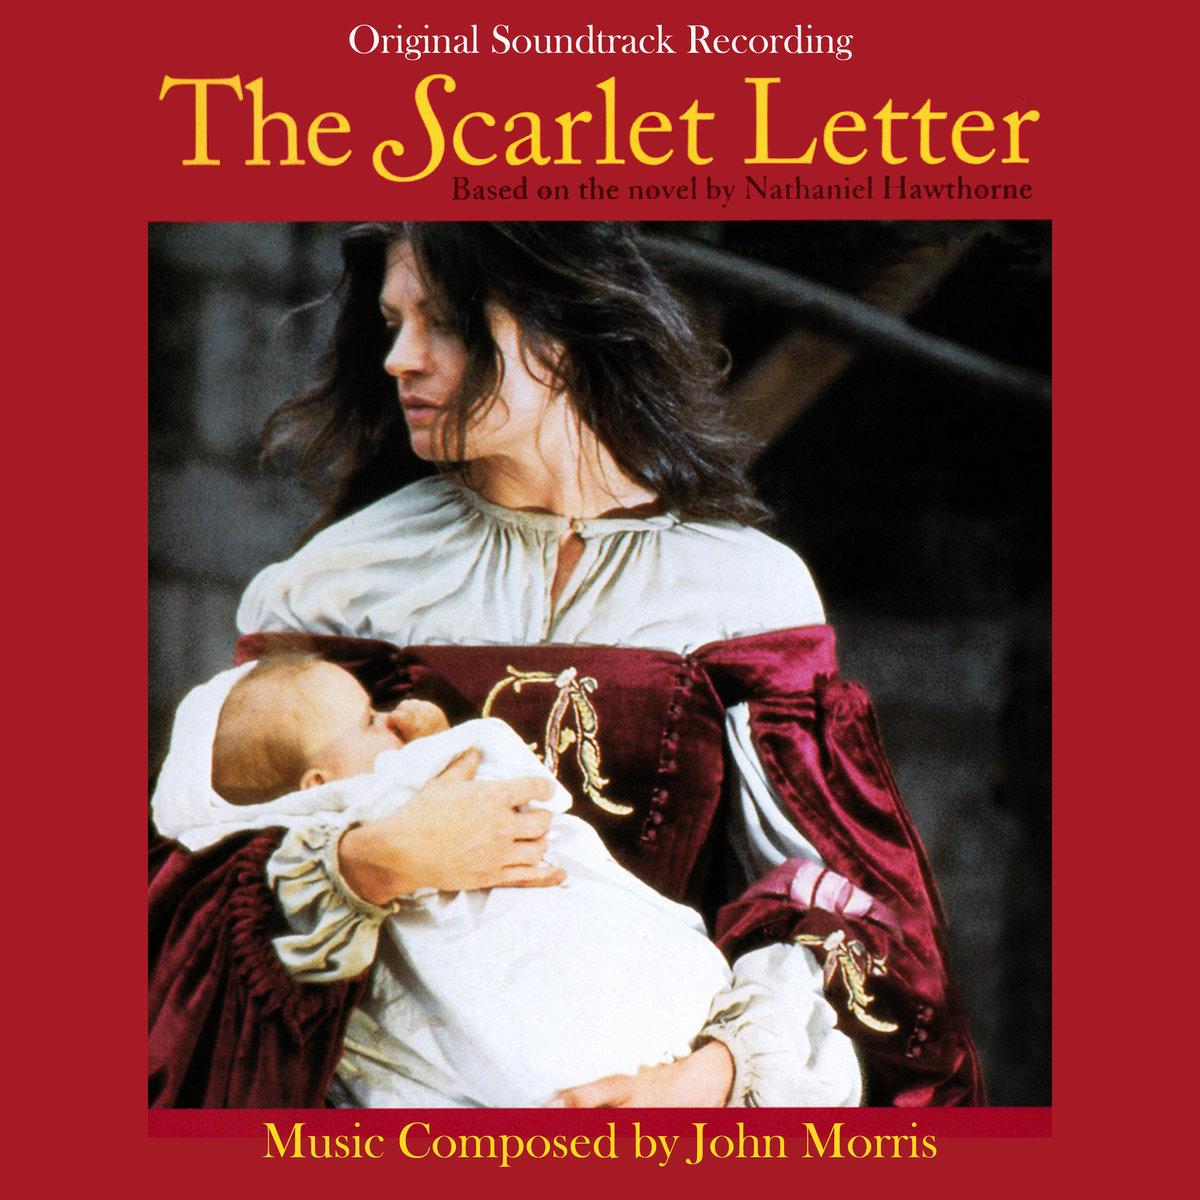 Scarlet Letter Cover: The Scarlet Letter Original Soundtrack Recording